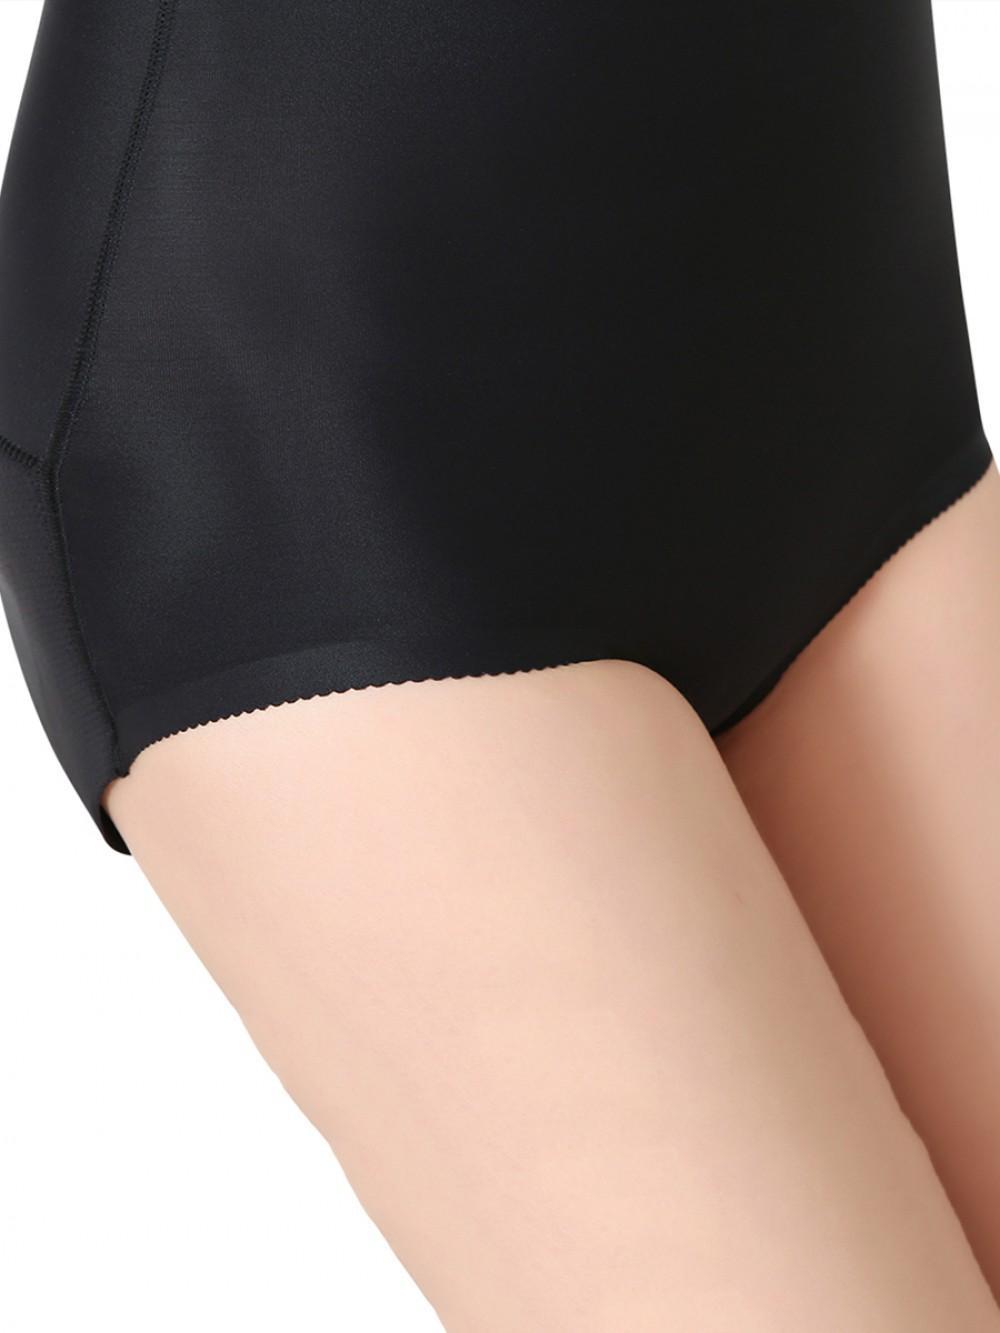 Black High Waist Buttock Enhancer Panty